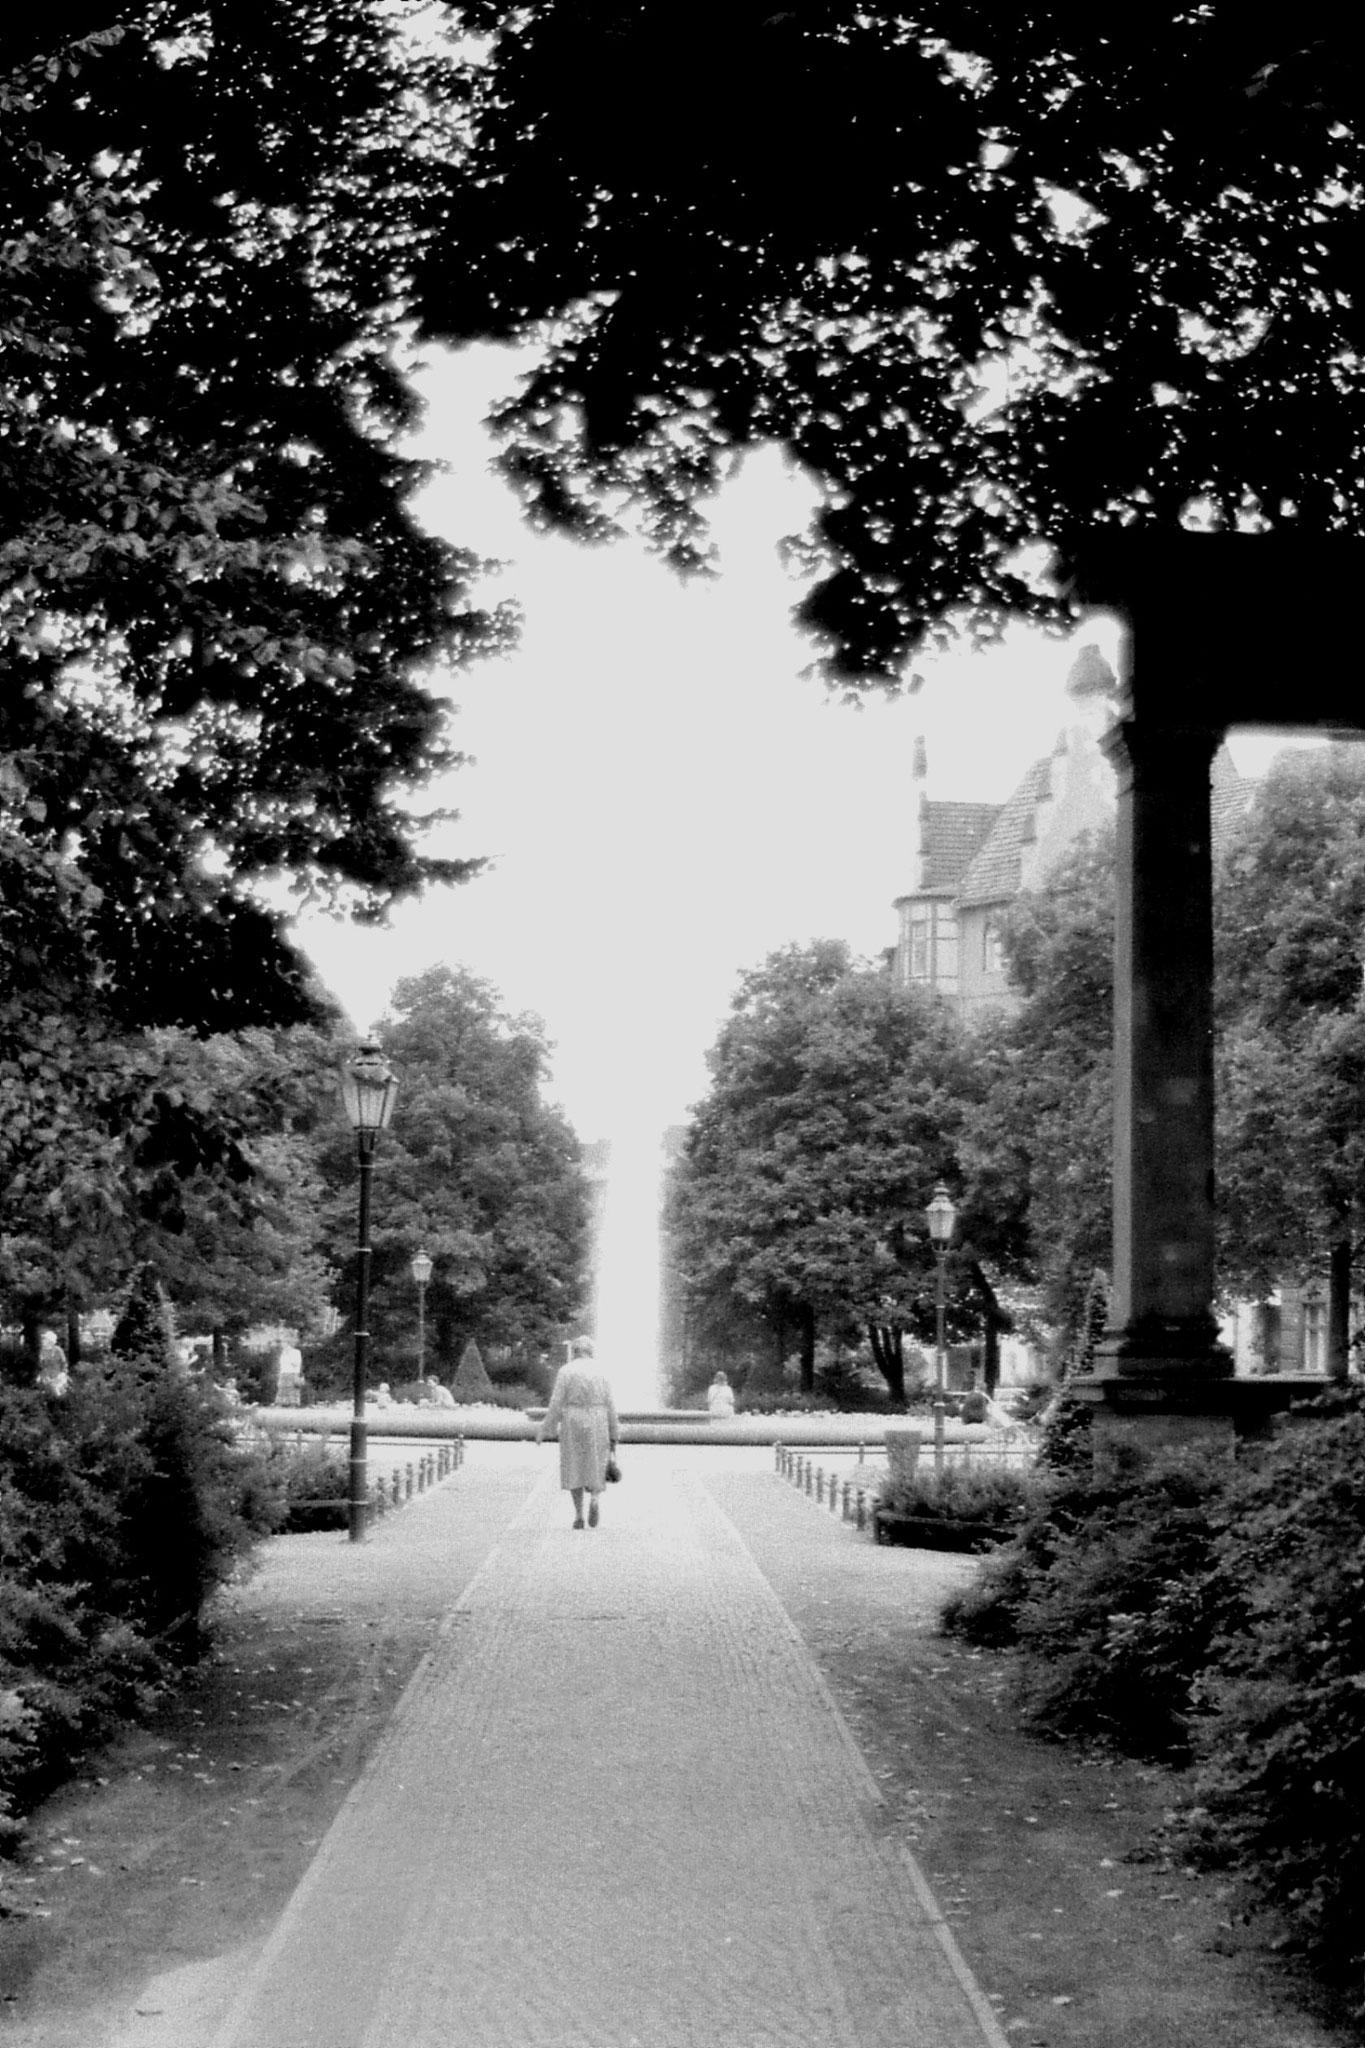 18/8/88: 5: Arndt home Berlin